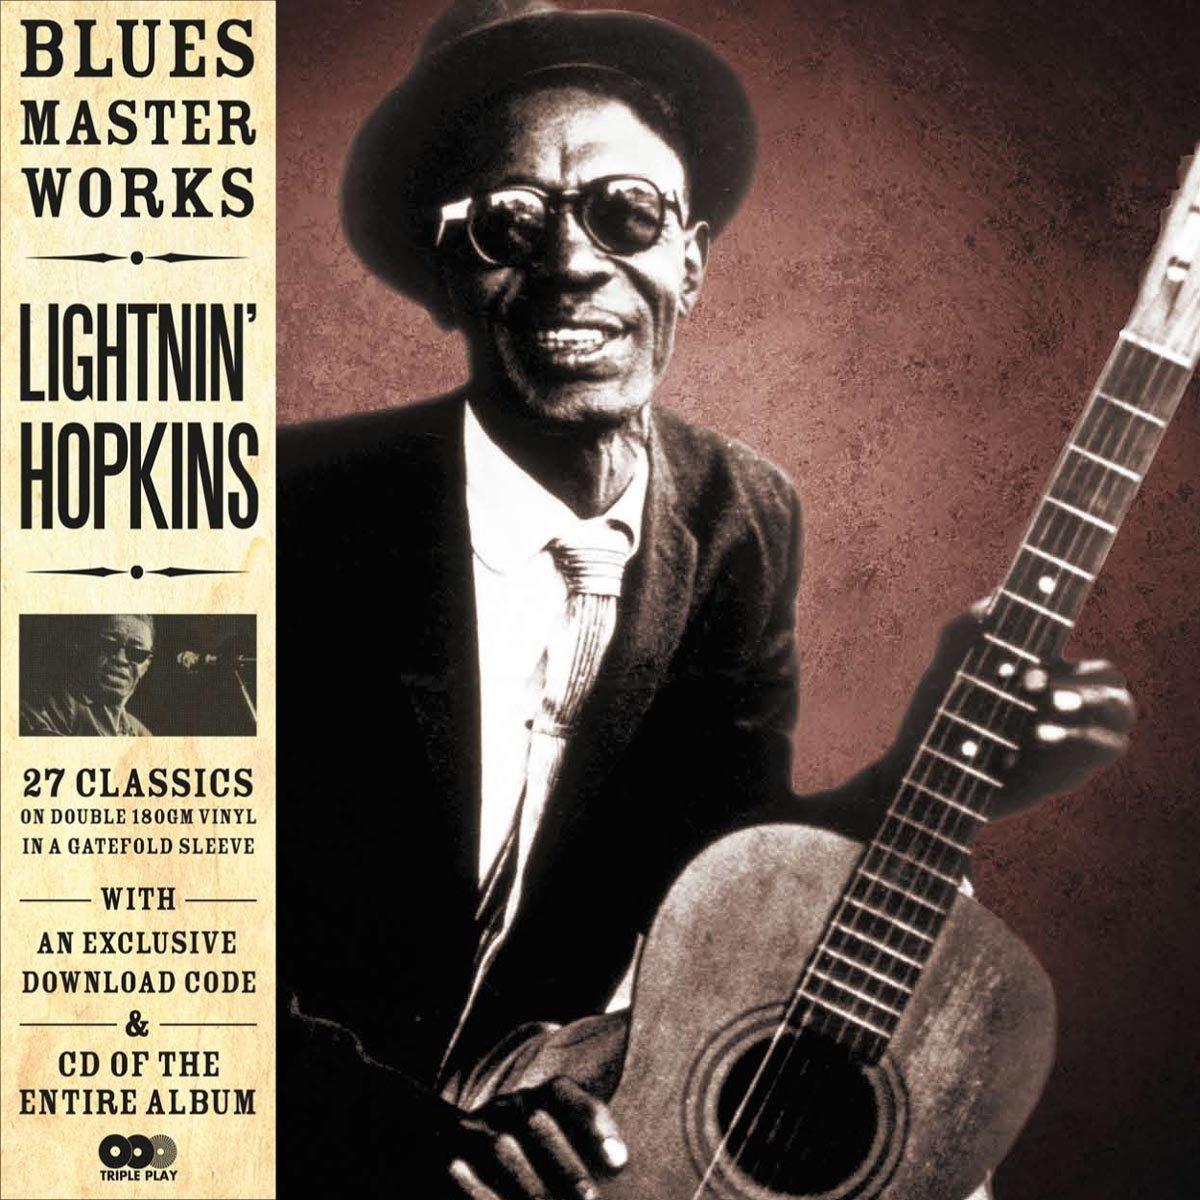 Blues Masterworks [12 inch Analog]                                                                                                                                                                                                                                                    <span class=